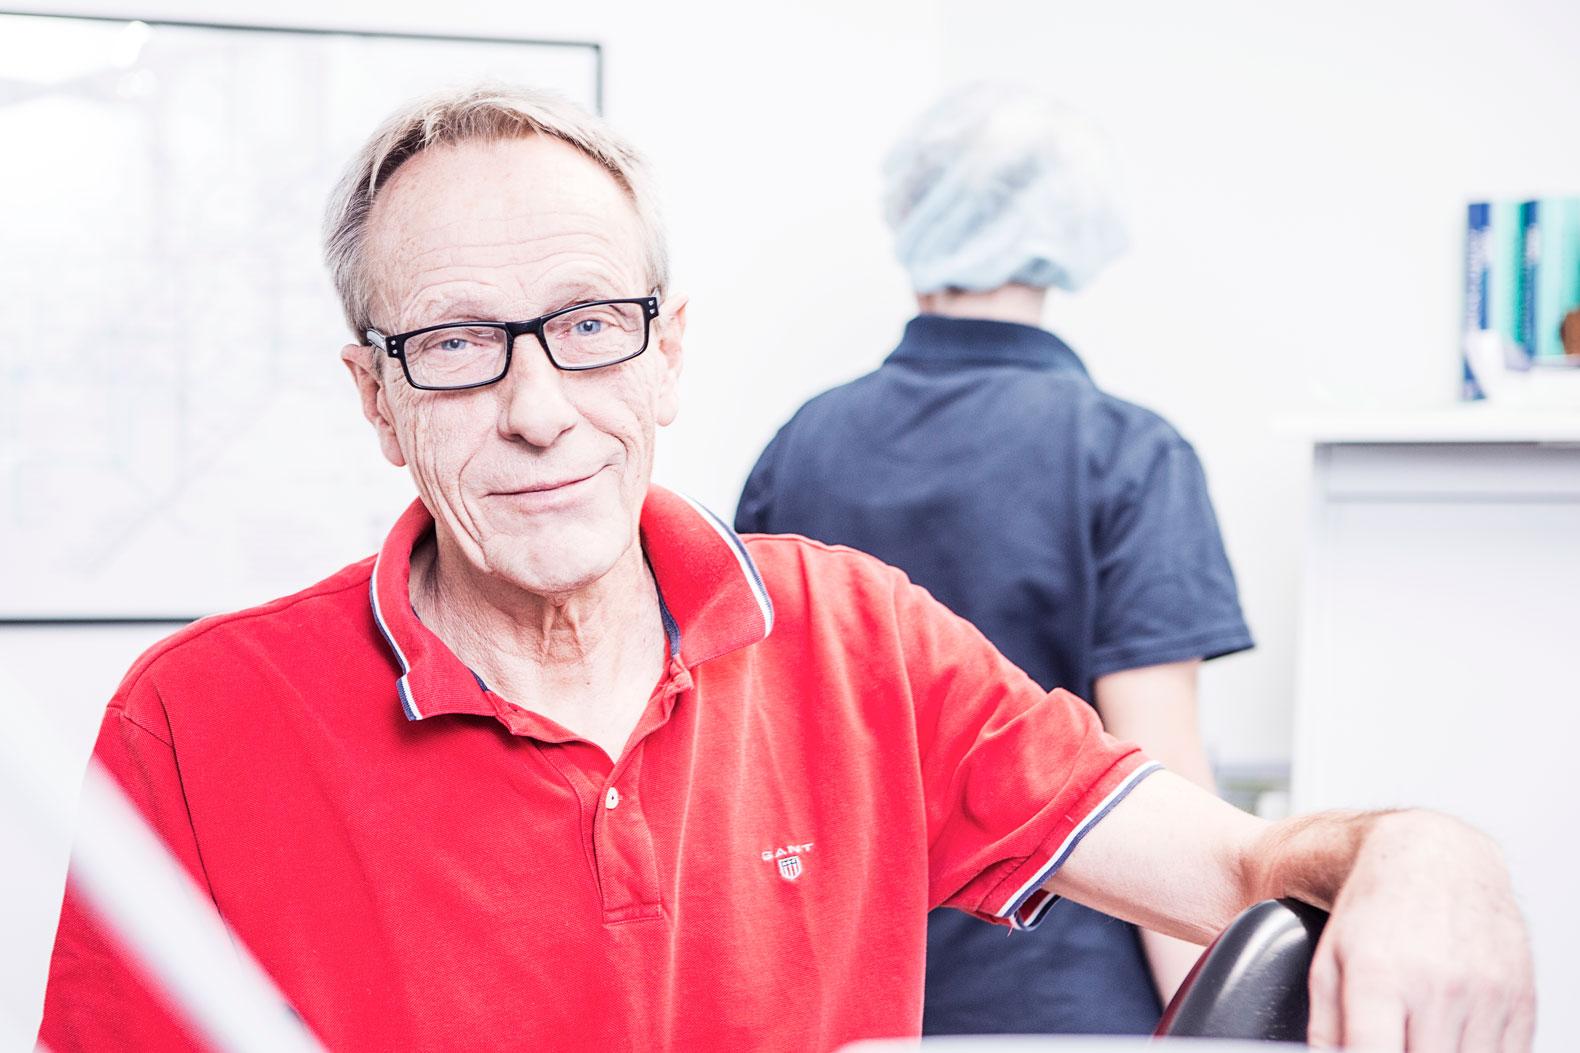 Kæbekirurg Nils Worsaae